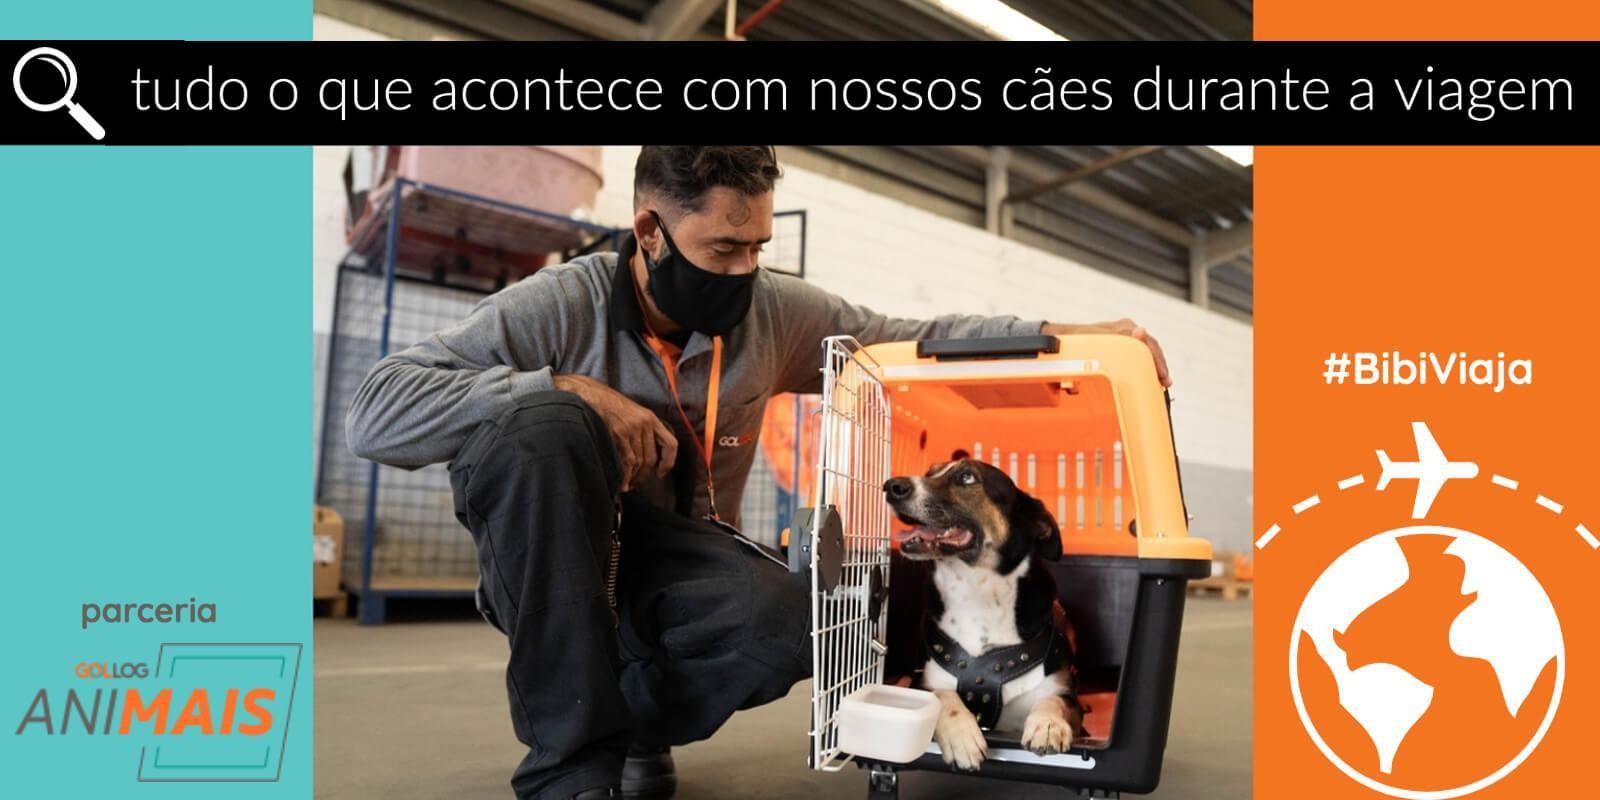 Lambeijos, Carla Ruas - Perguntas e Respostas sobre tudo o que acontece com nossos cães durante a viagem de avião  #BibiViaja